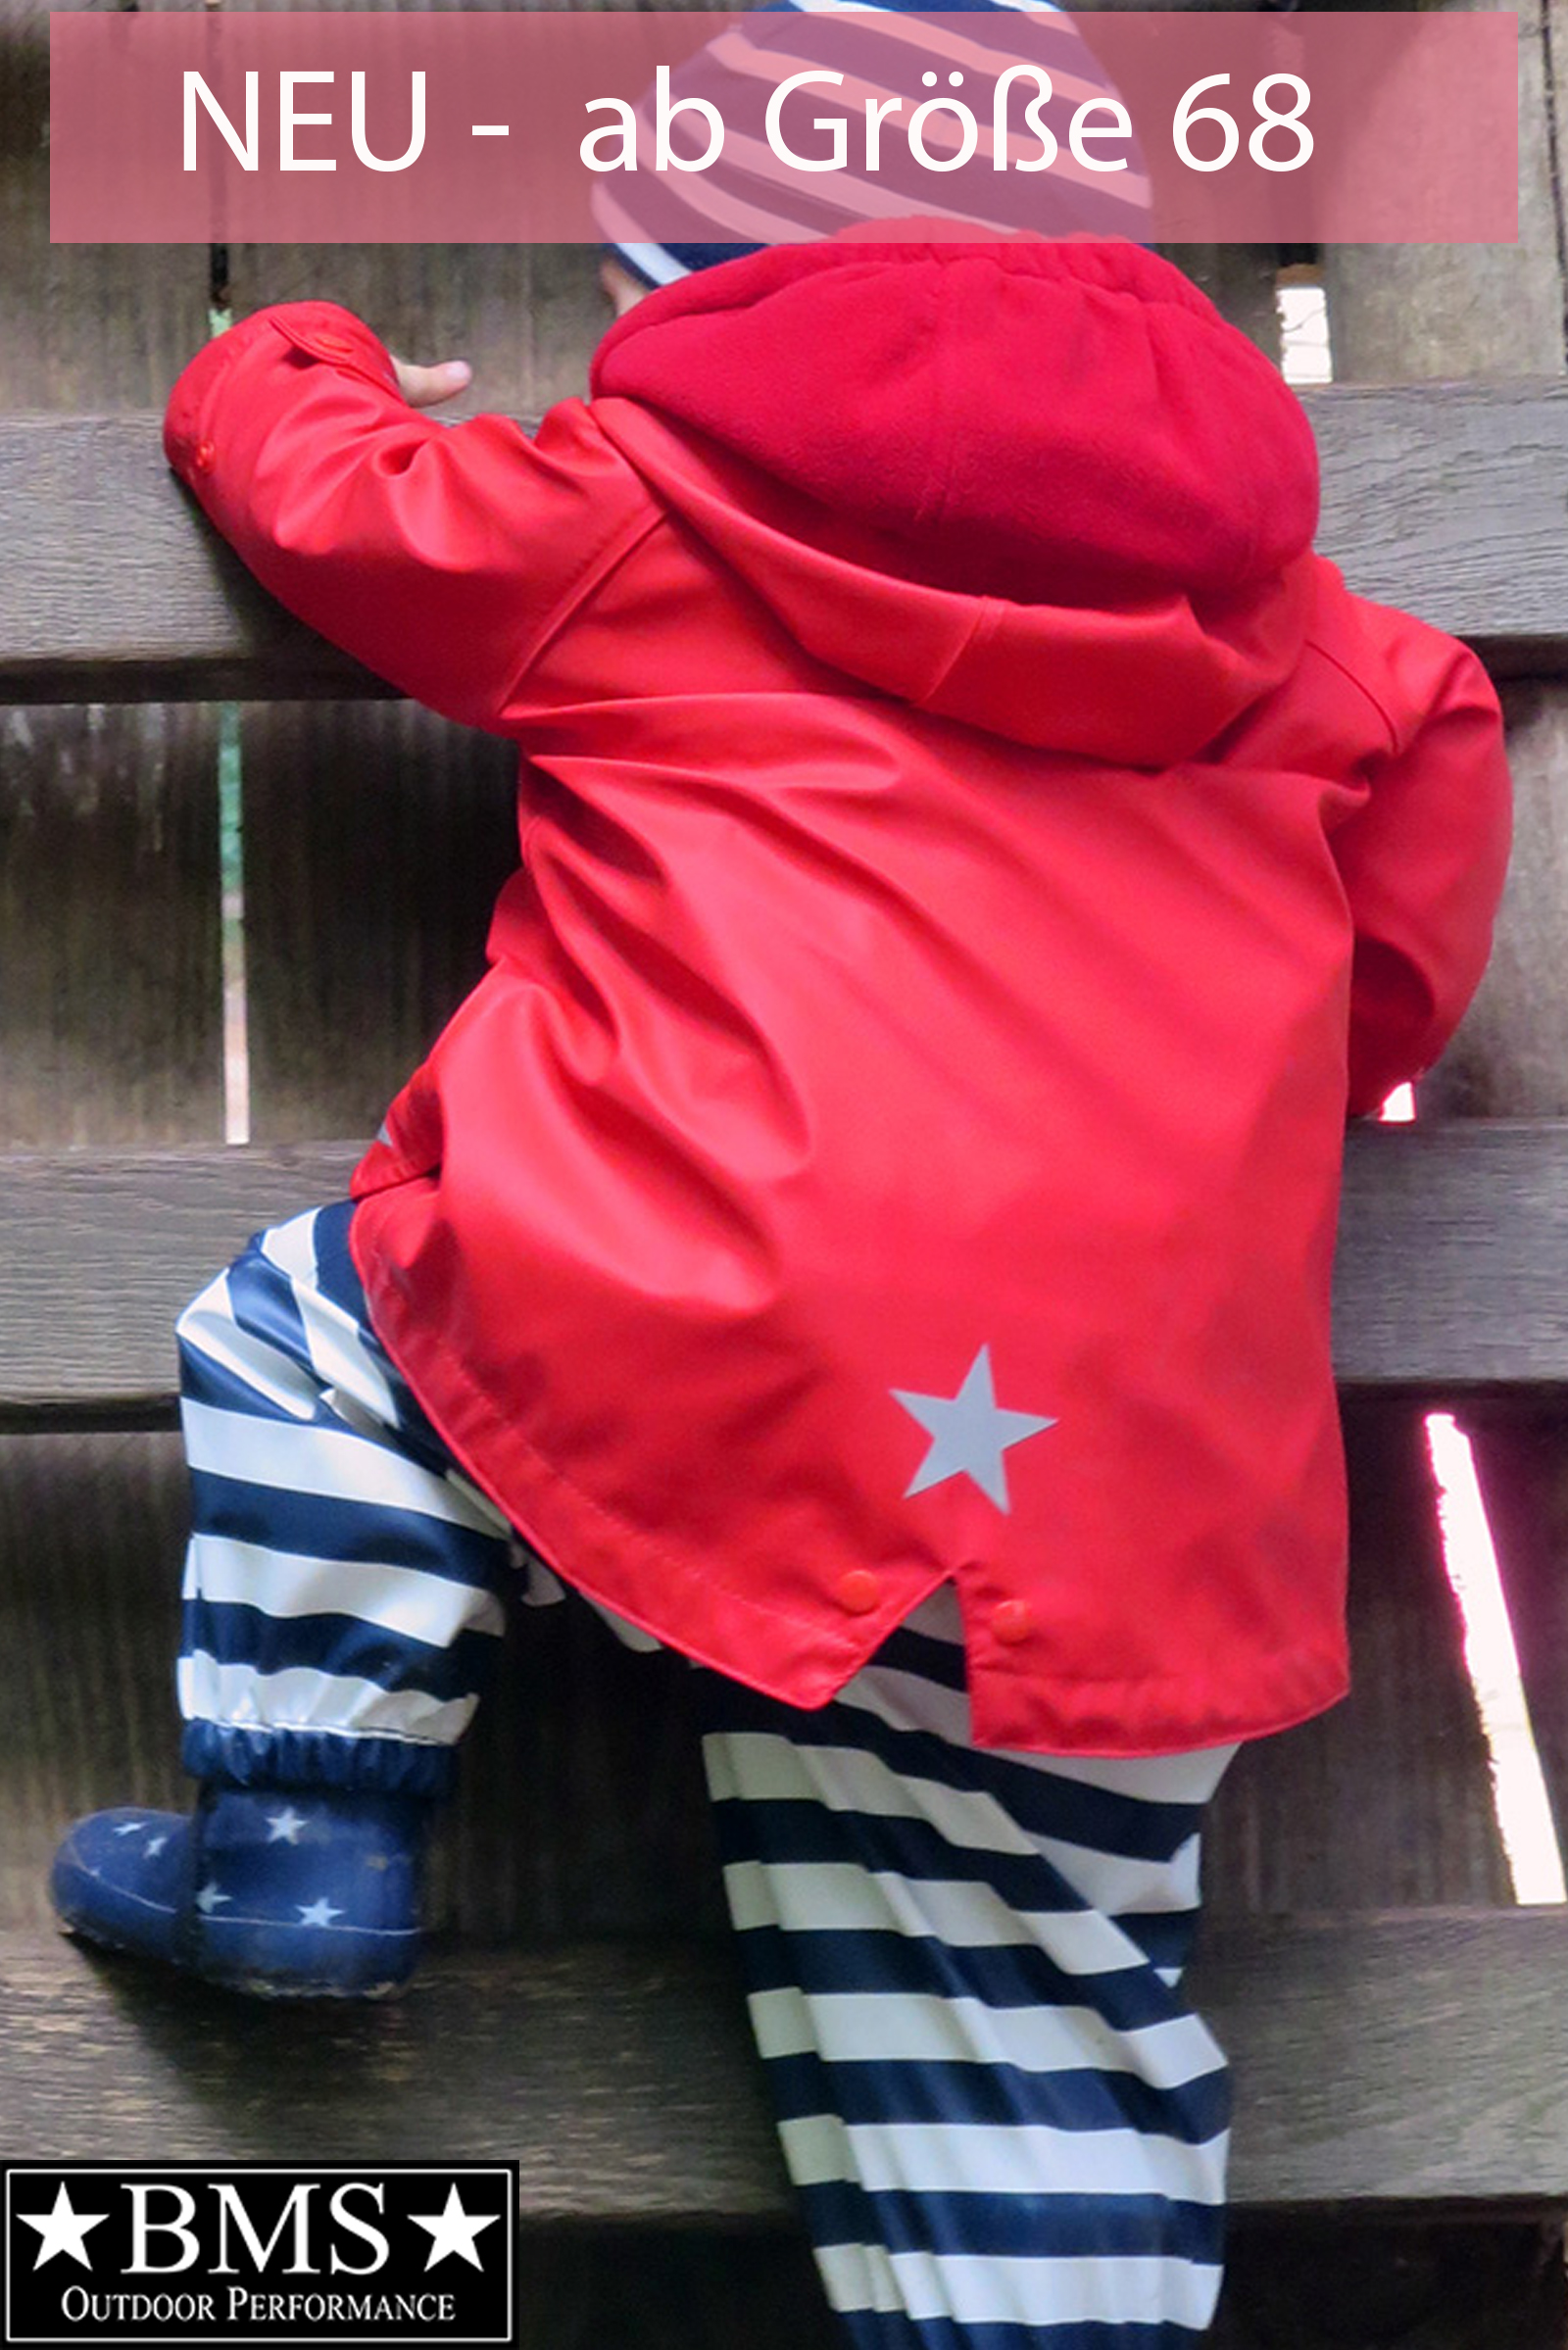 günstig kaufen 80167 c03fd Kinder ❤ Matschhosen   Bunte Kinder Regenbekleidung ...